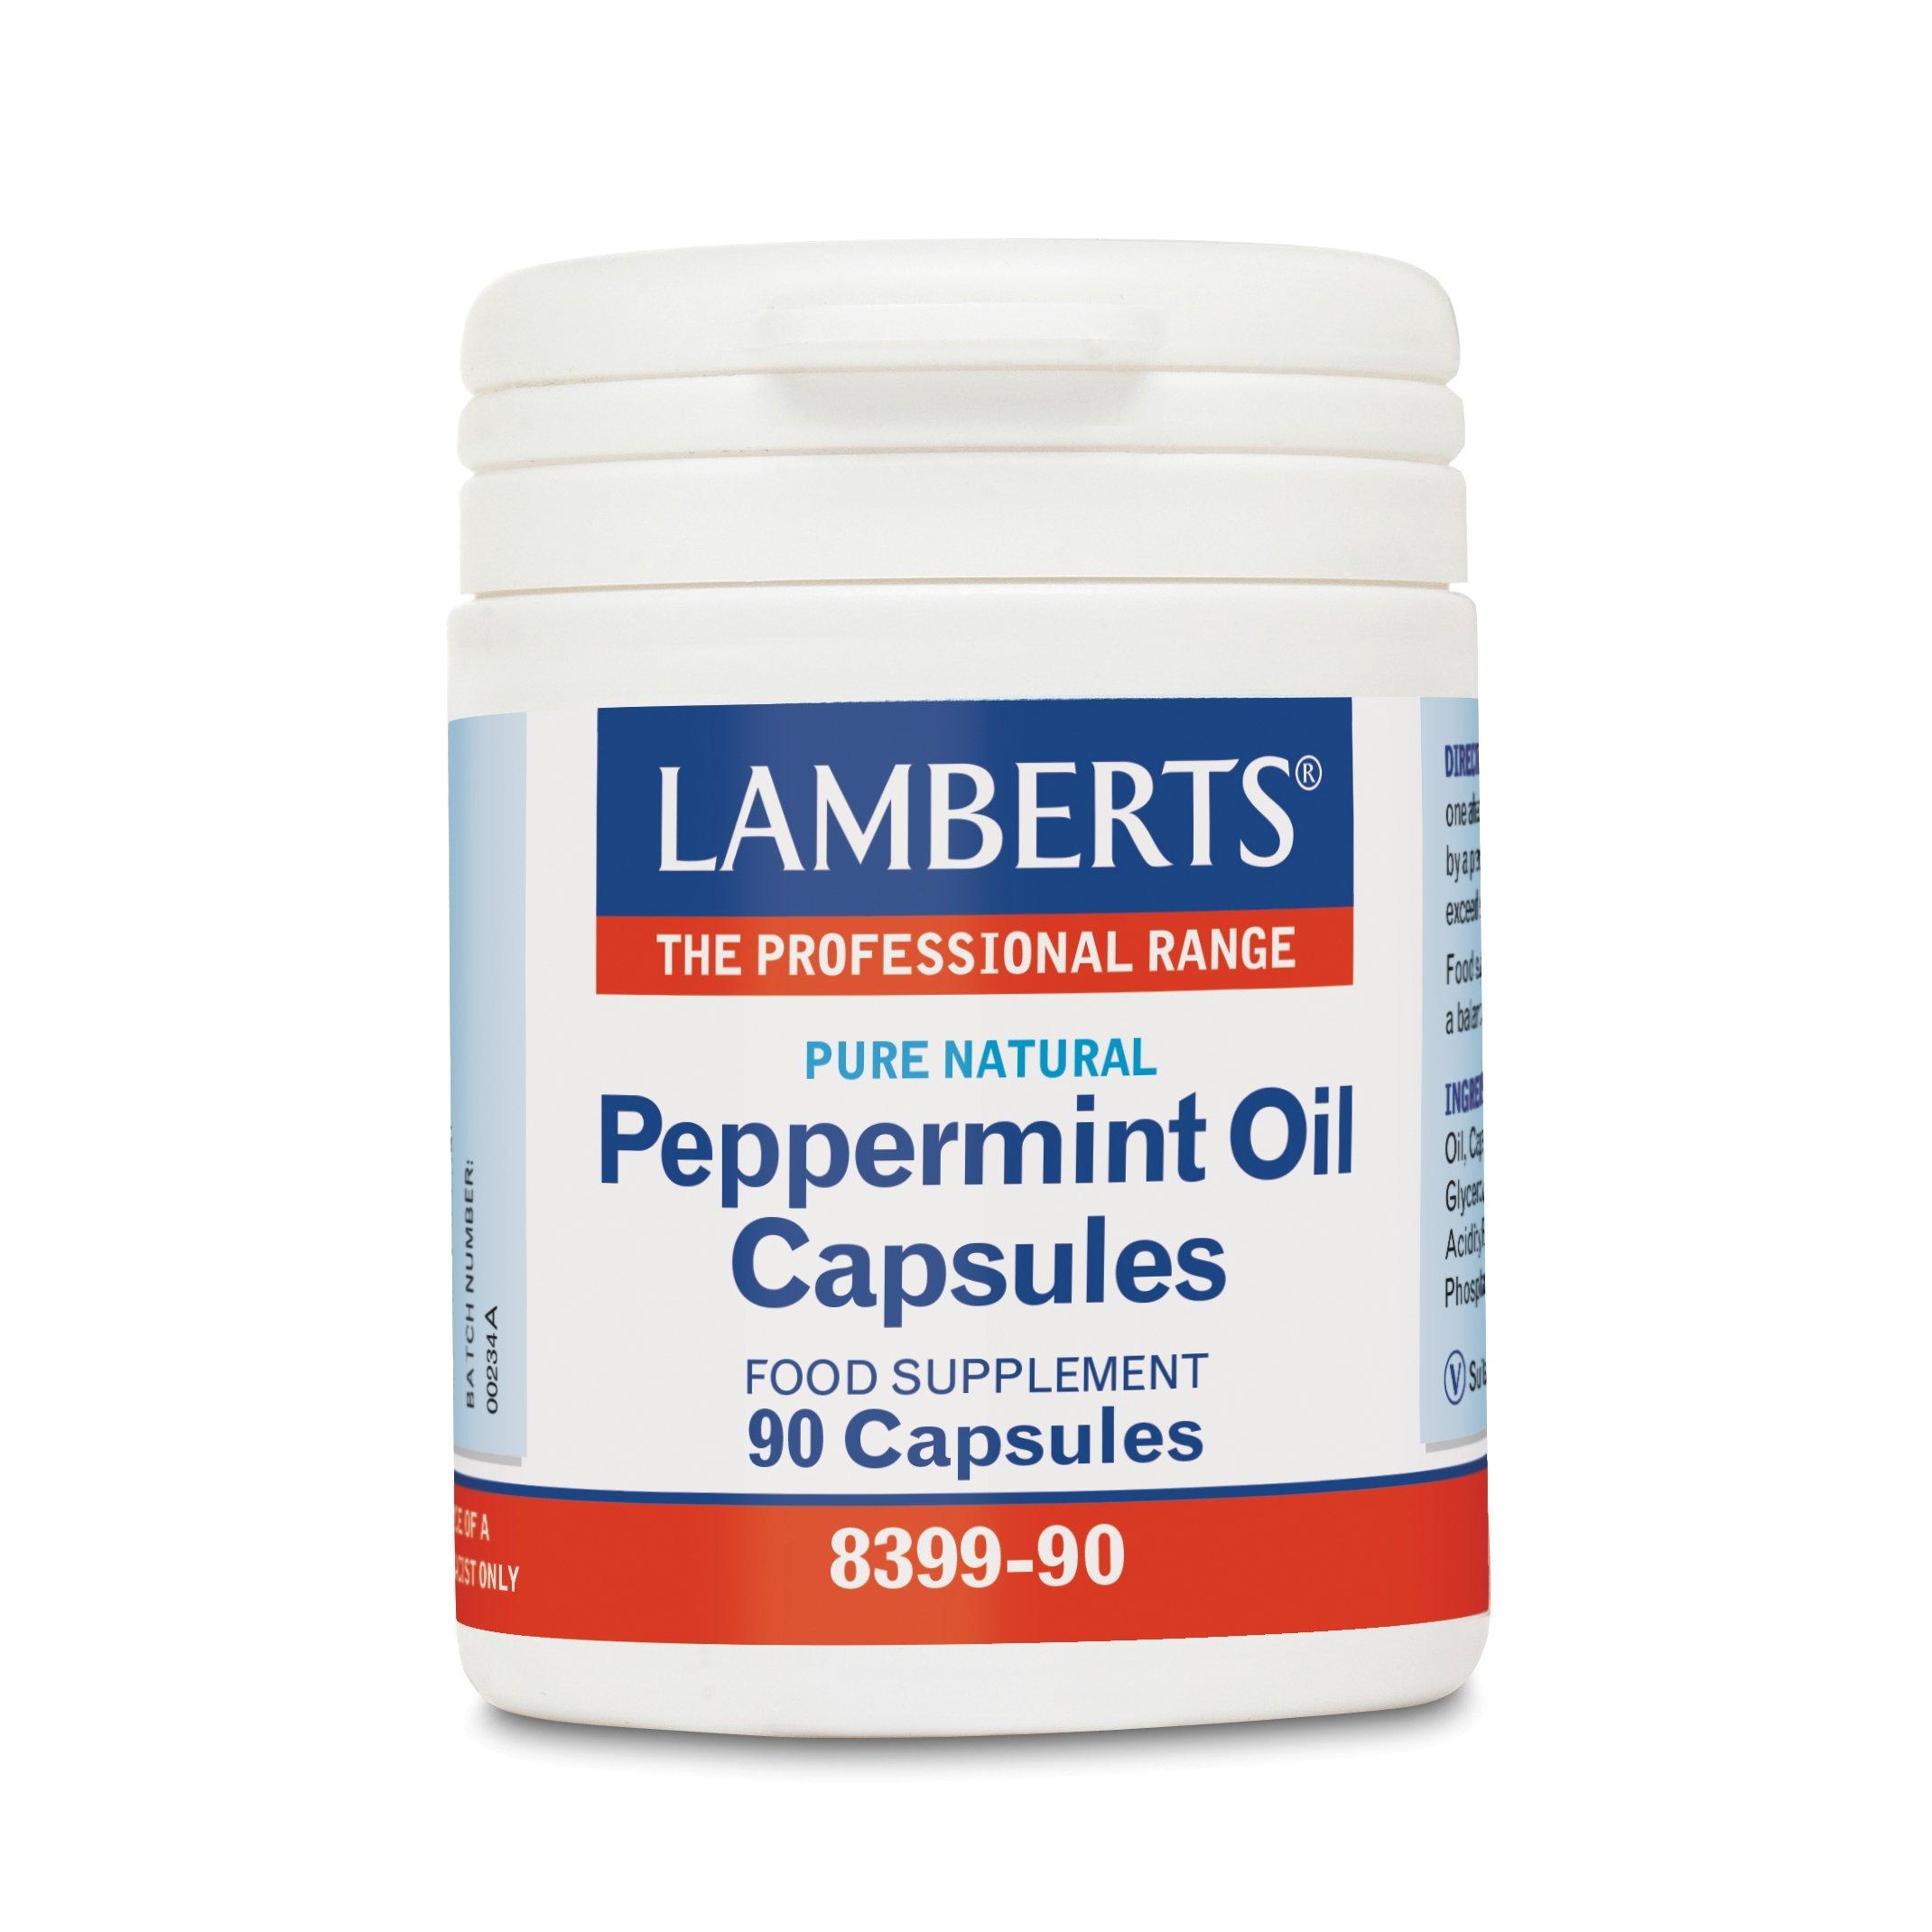 Lamberts Peppermint Oil Συμπλήρωμα Διατροφής για τη Λειτουργίατου Γαστρεντερικού Συστήματος50mg 90tabs